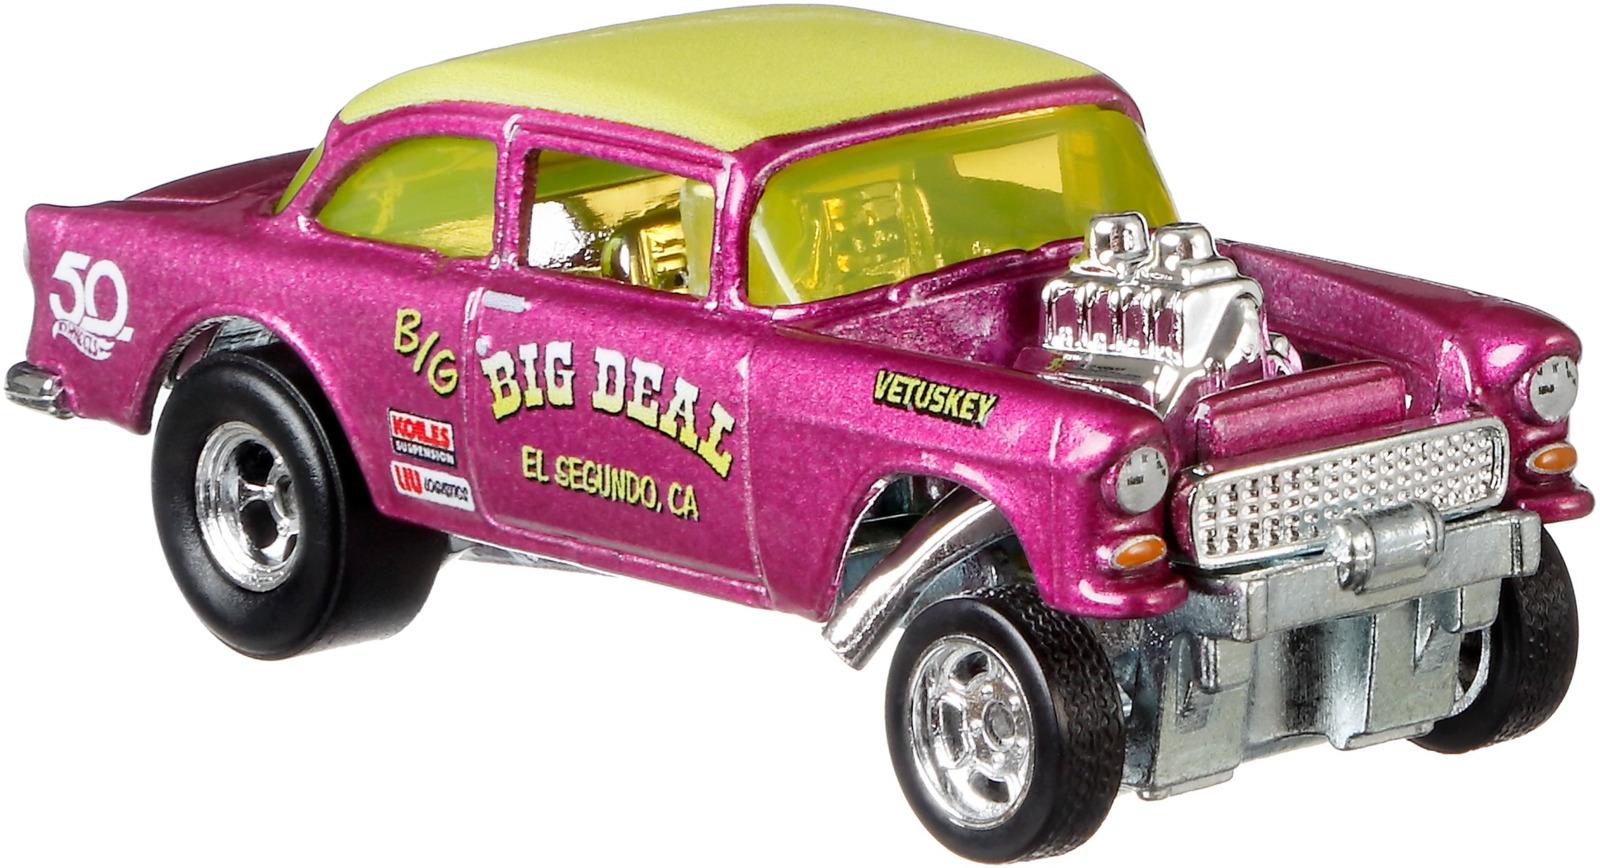 Трековая машинка Hot Wheels Юбилейные, FLF35_FLF43, розовый, желтый